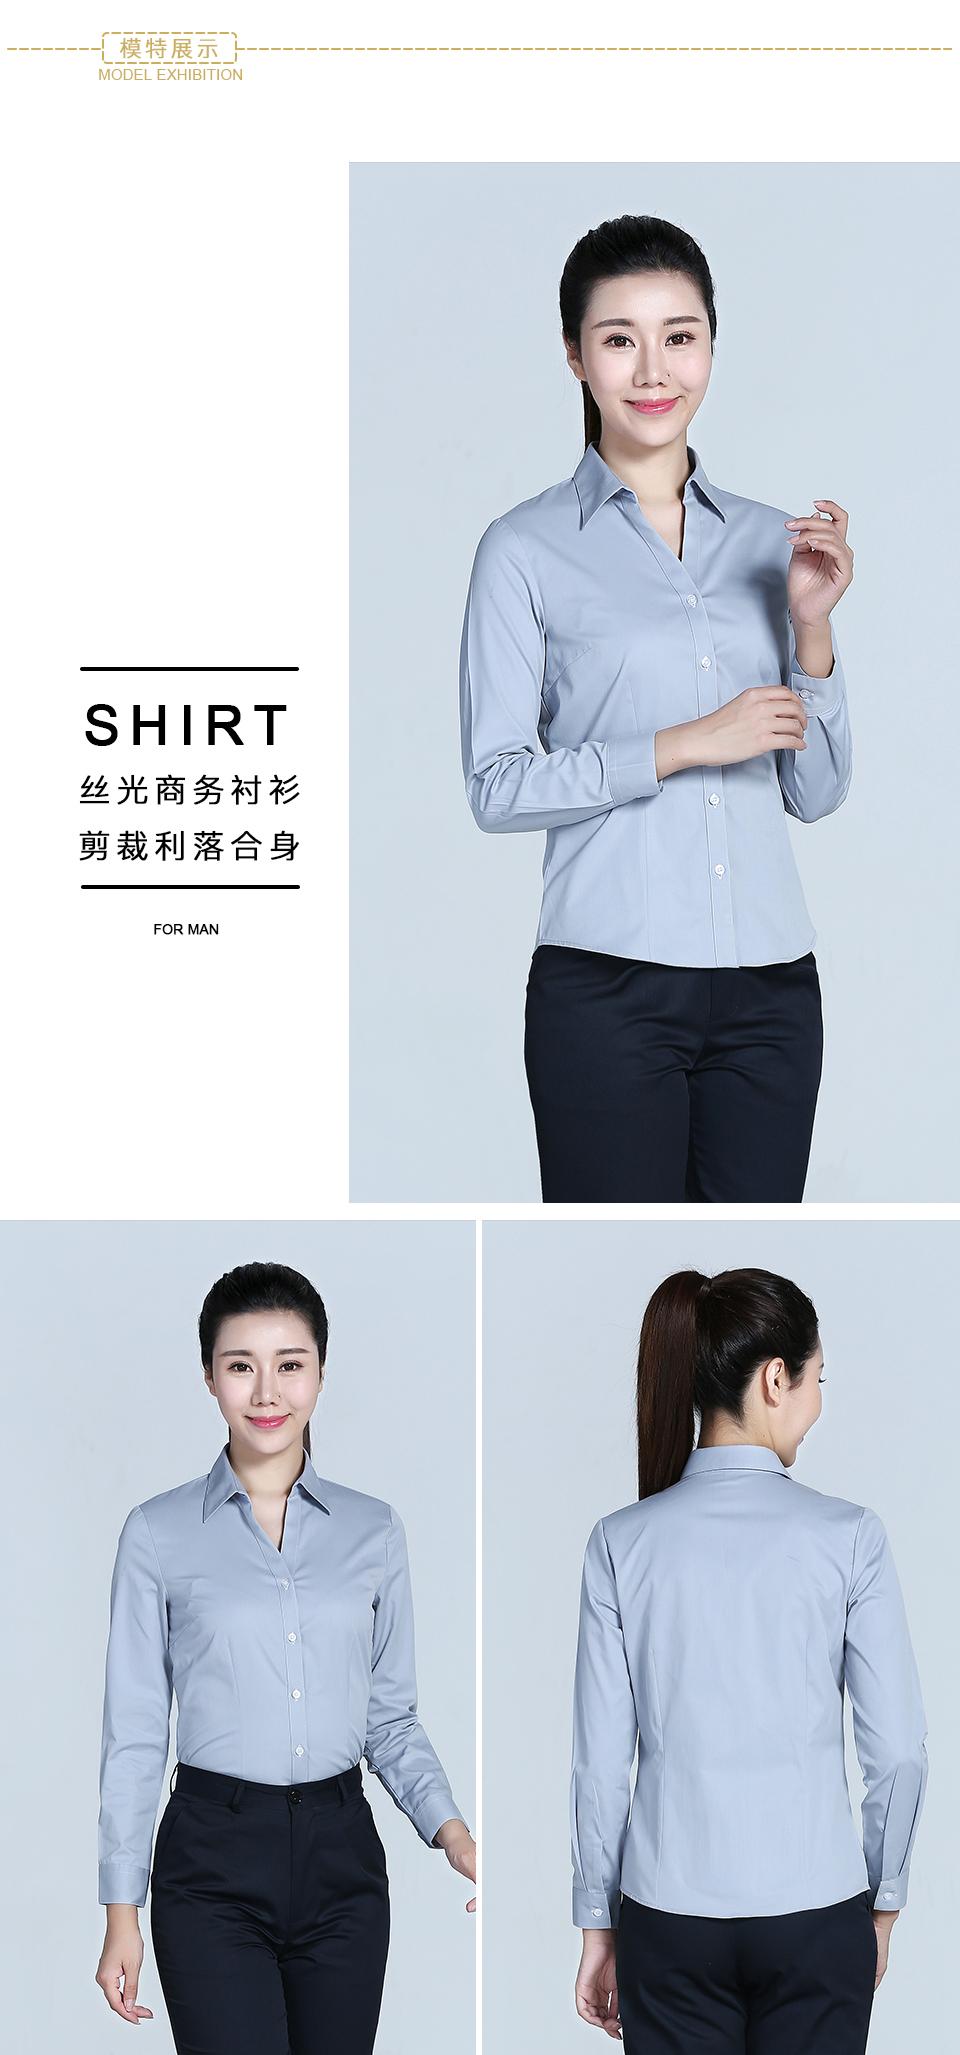 浅灰V领长袖衬衫